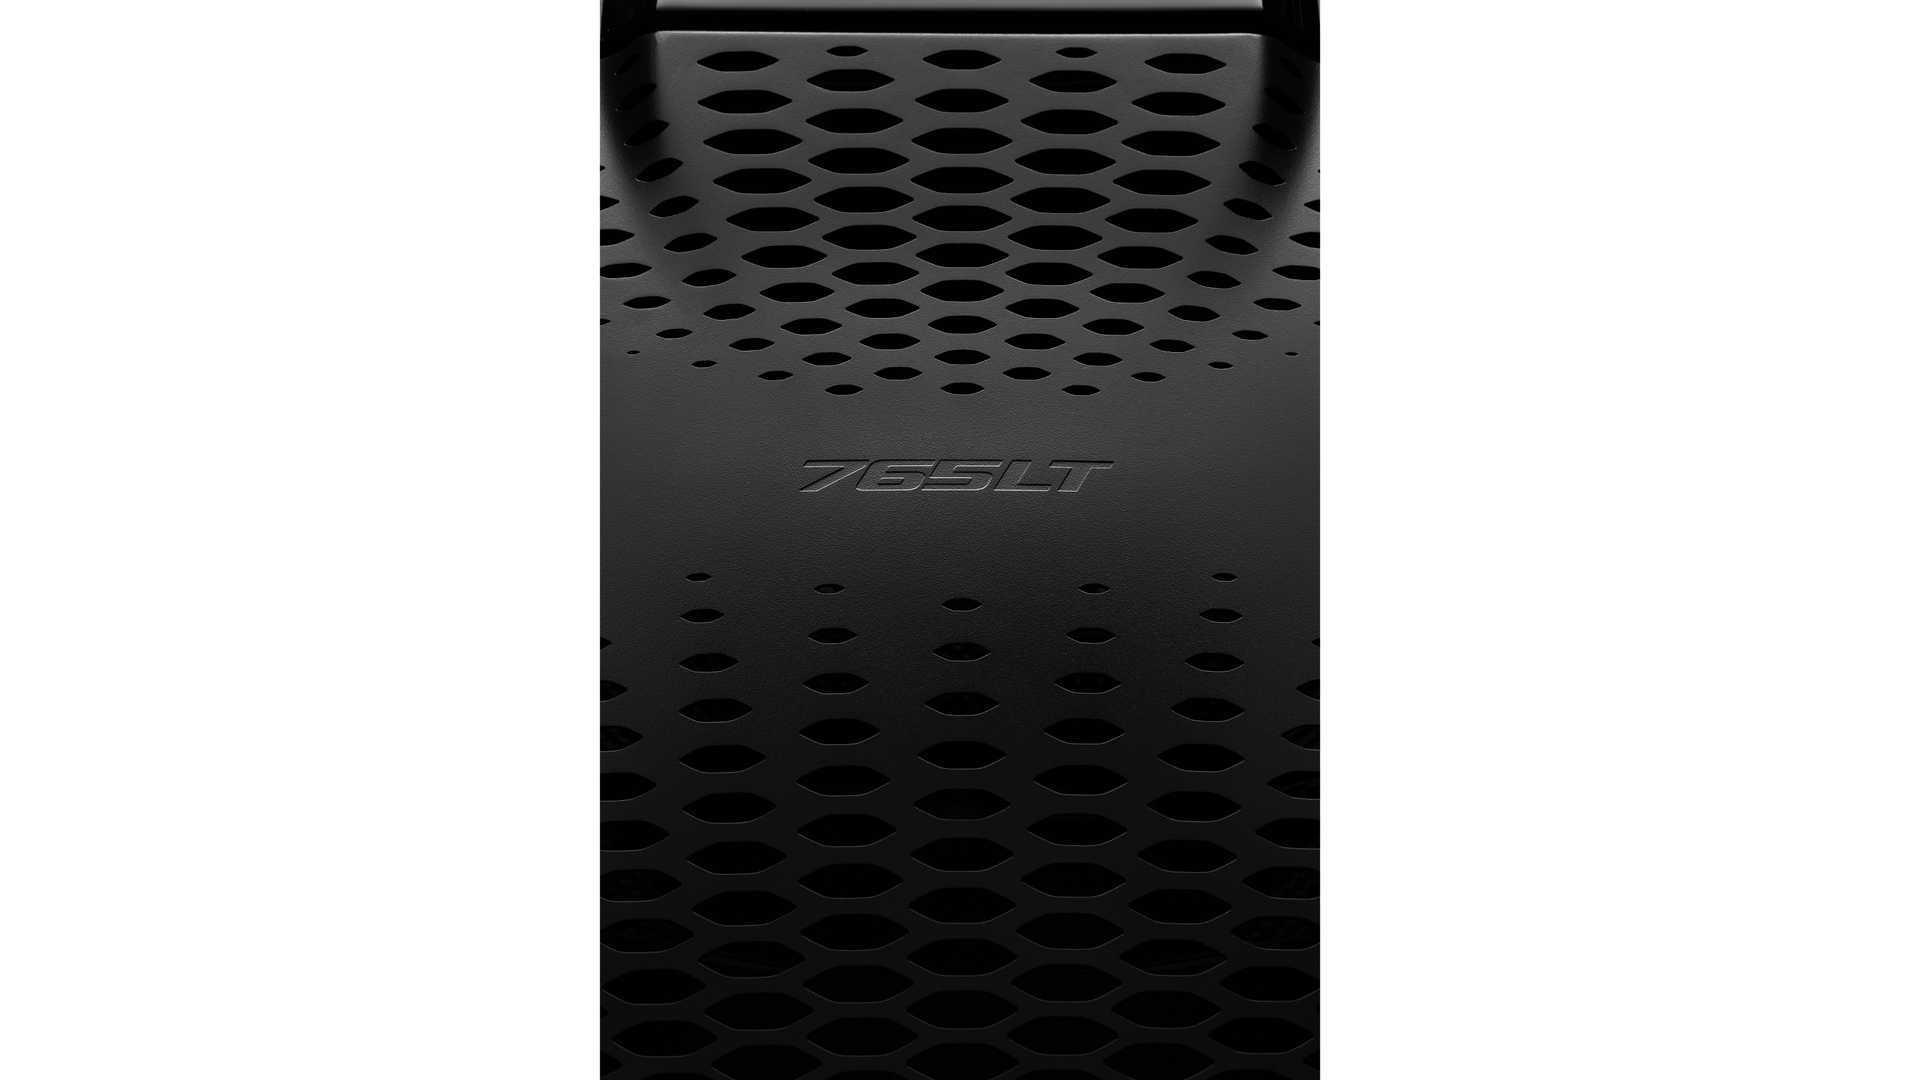 2021 McLaren 765LT Spider (speaker)